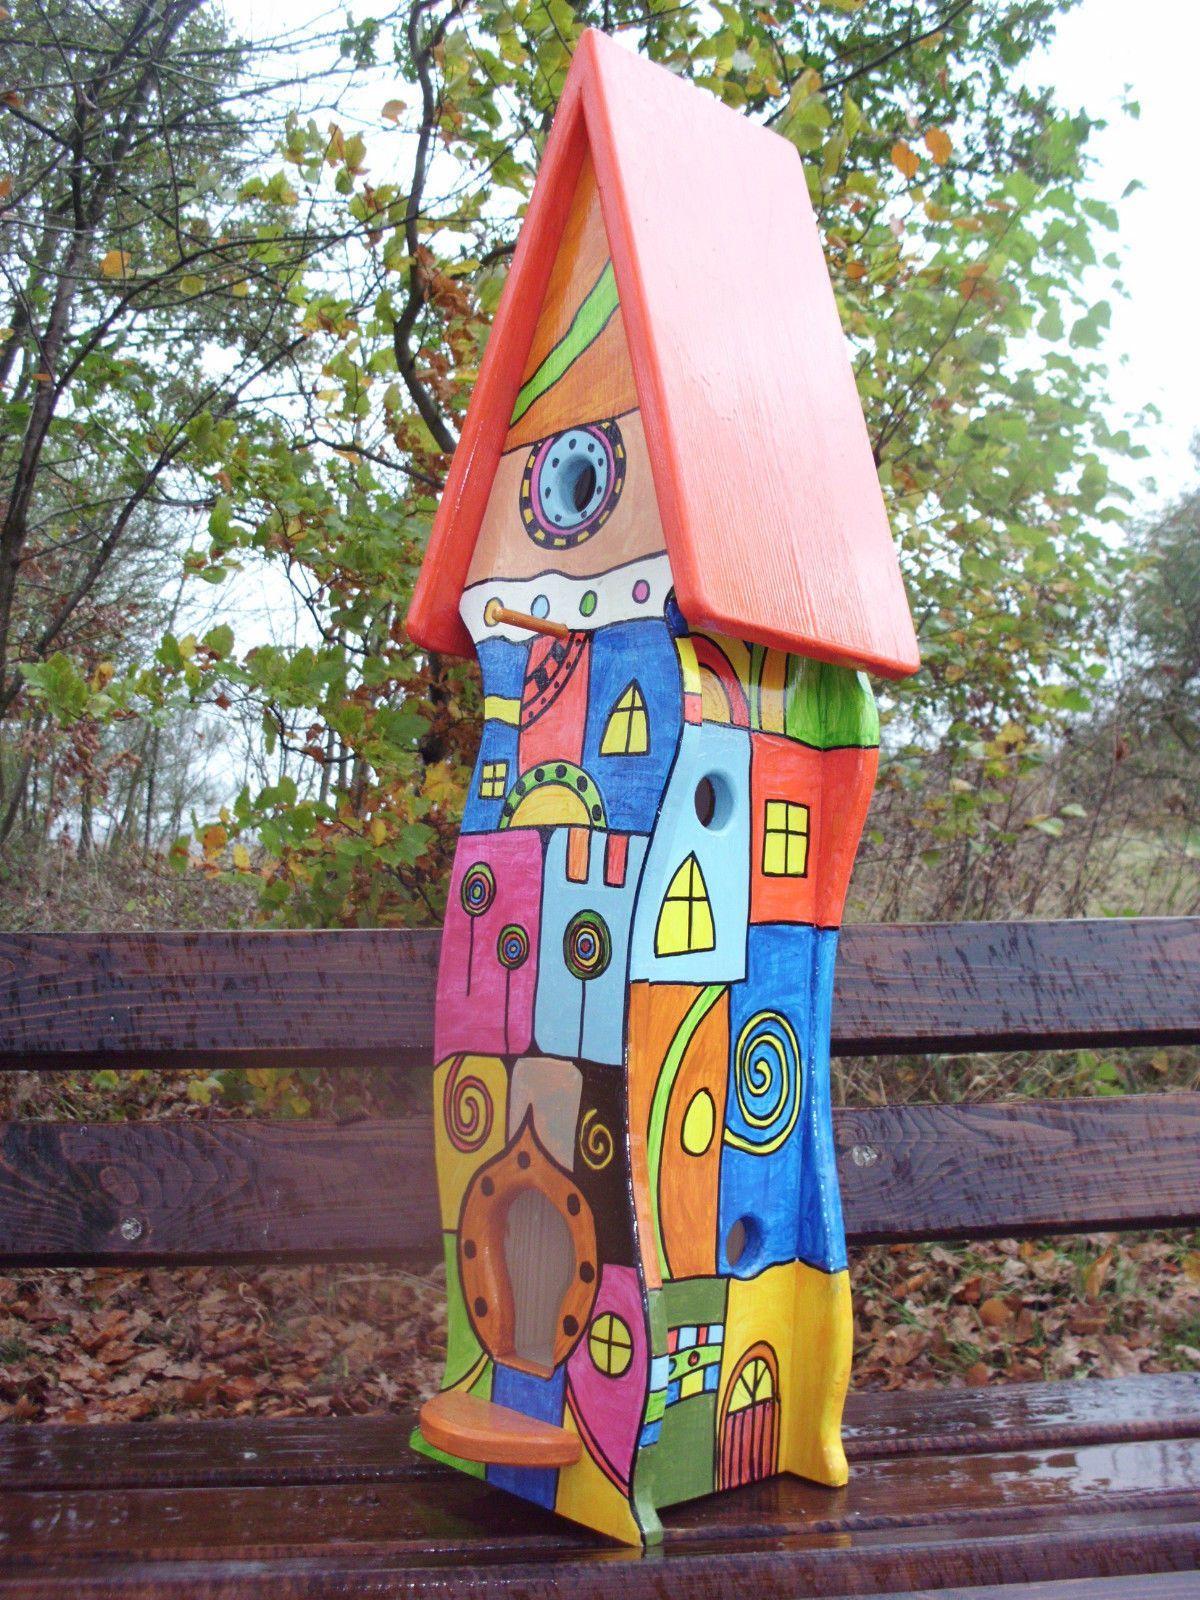 Vogelvilla Vogelhaus Nistkasten Hundertwasser Stil In Garten Terrasse Dekoration Vogelhauser Ebay Birdhou Bird Houses Painted Bird House Ladybug House